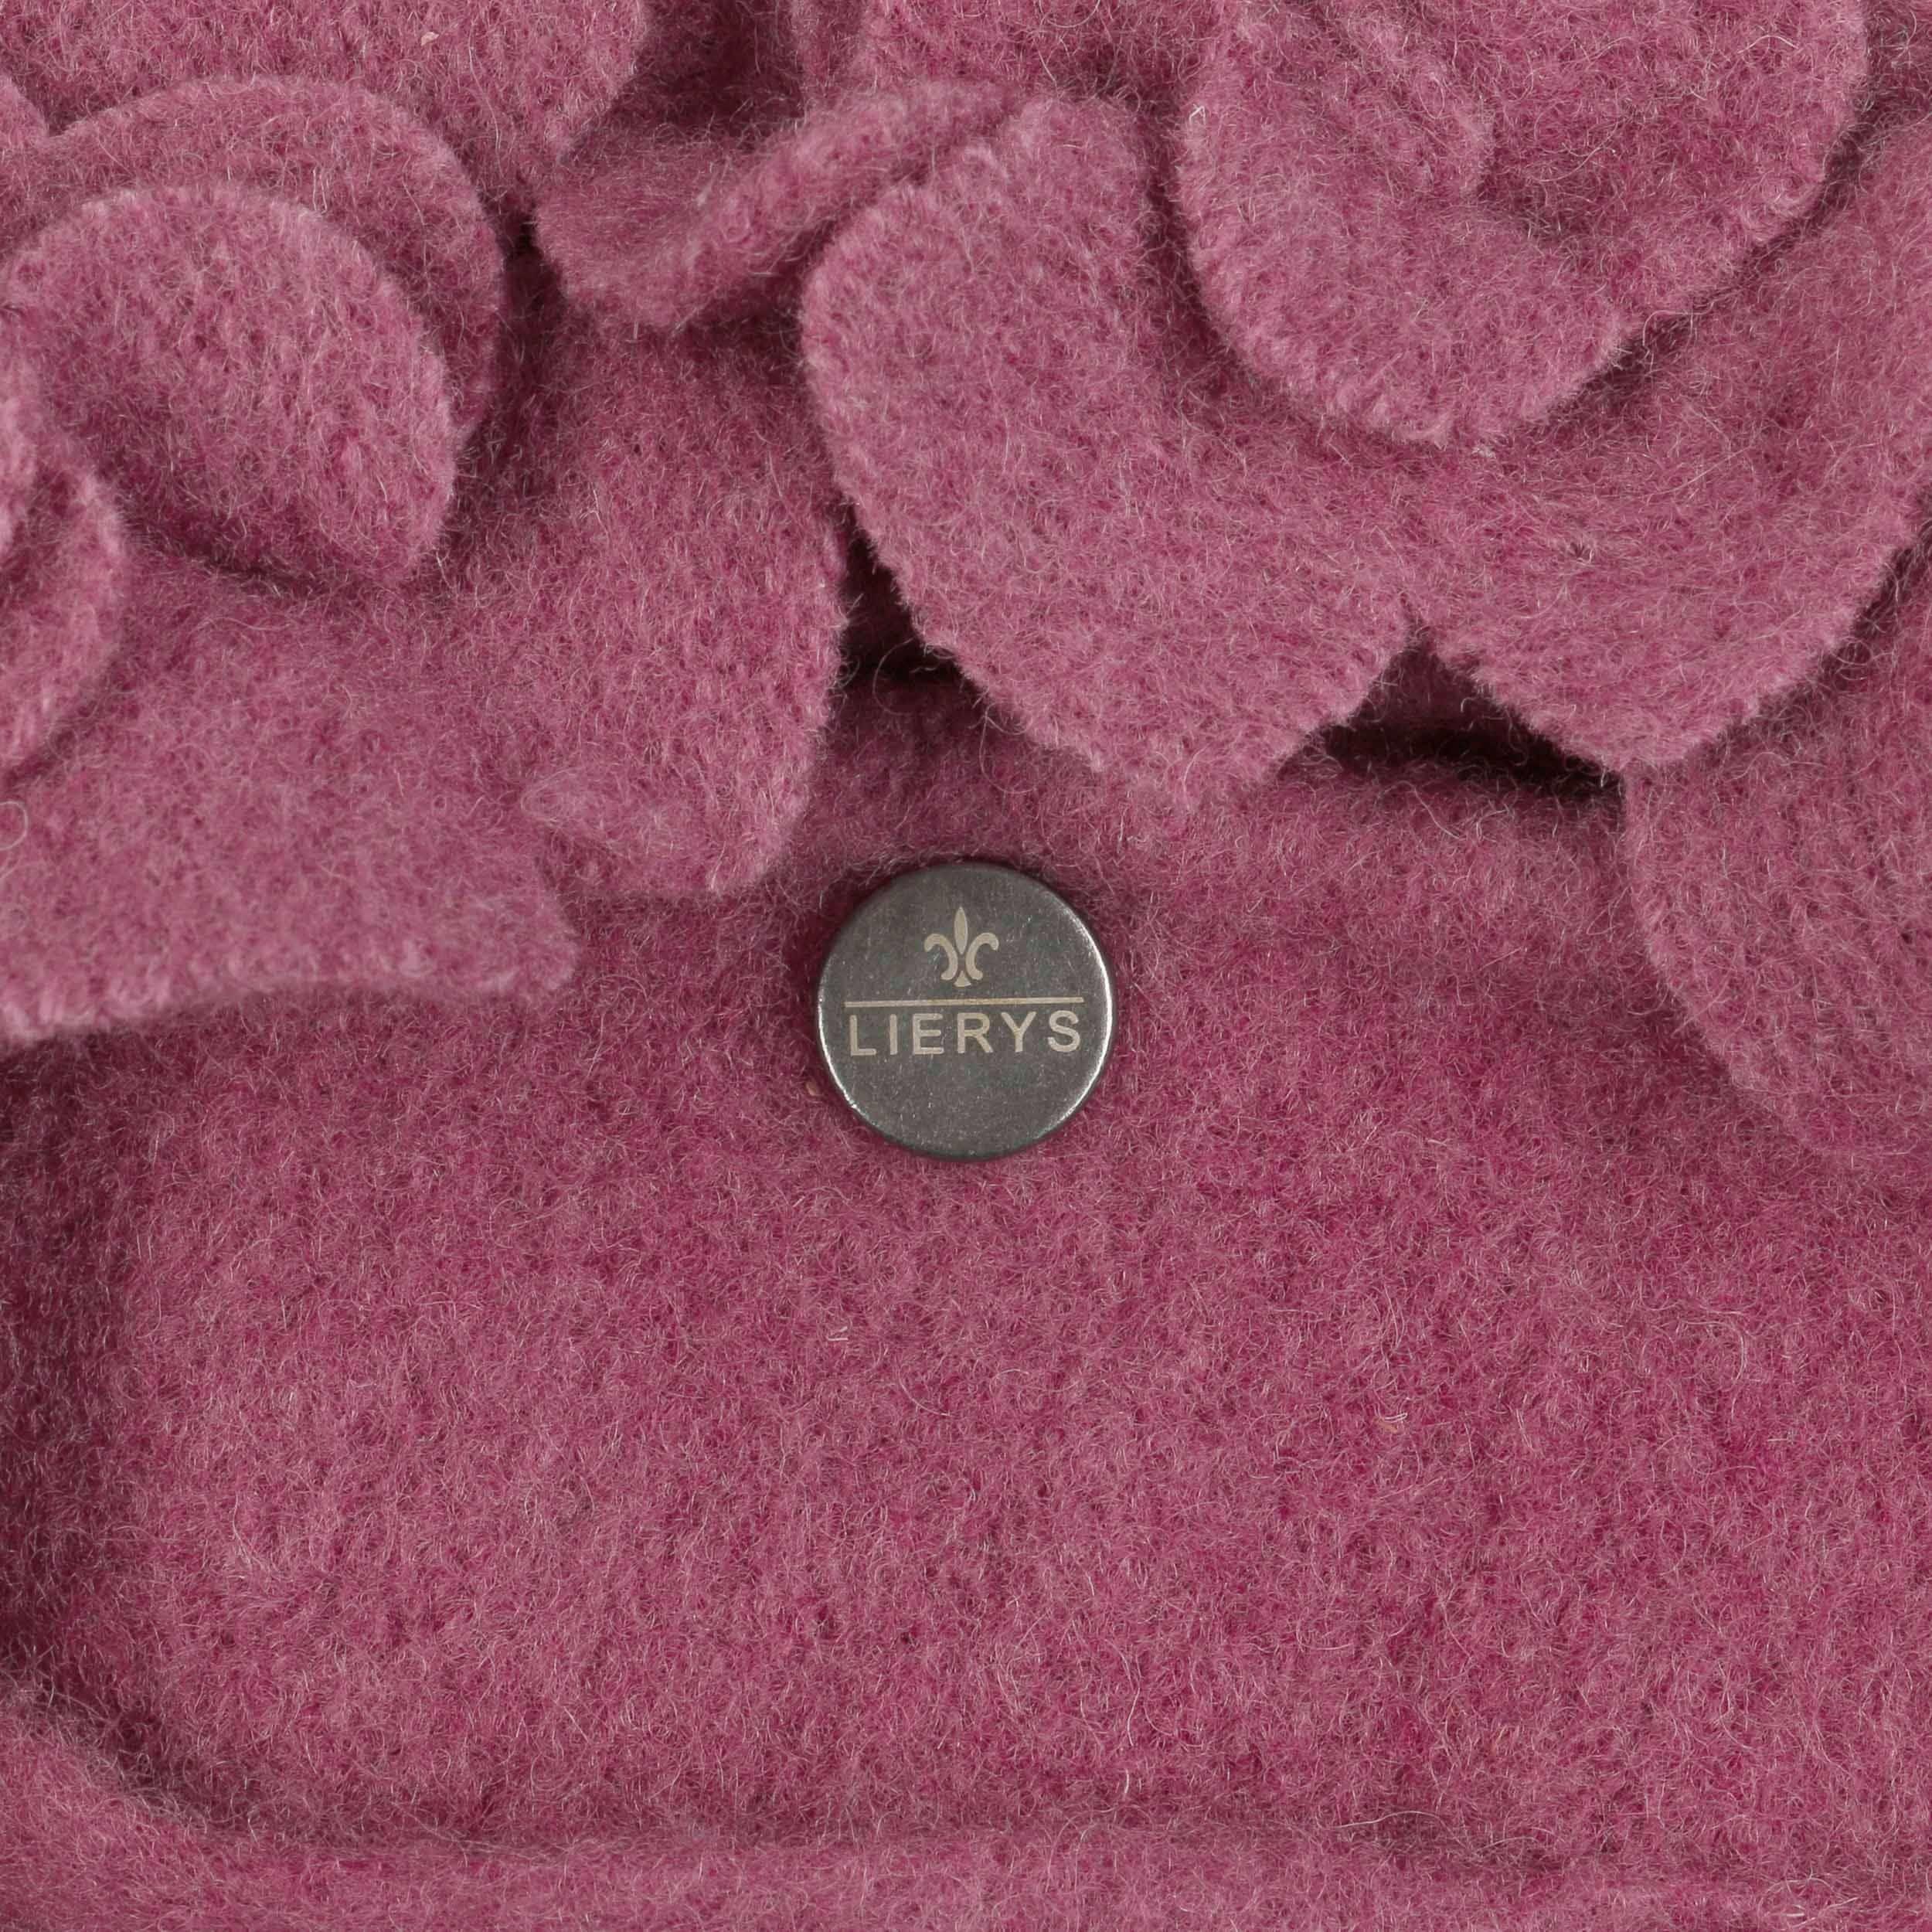 La Fleur Oversize Muts By Lierys Eur 39 95 Hoeden Mutsen